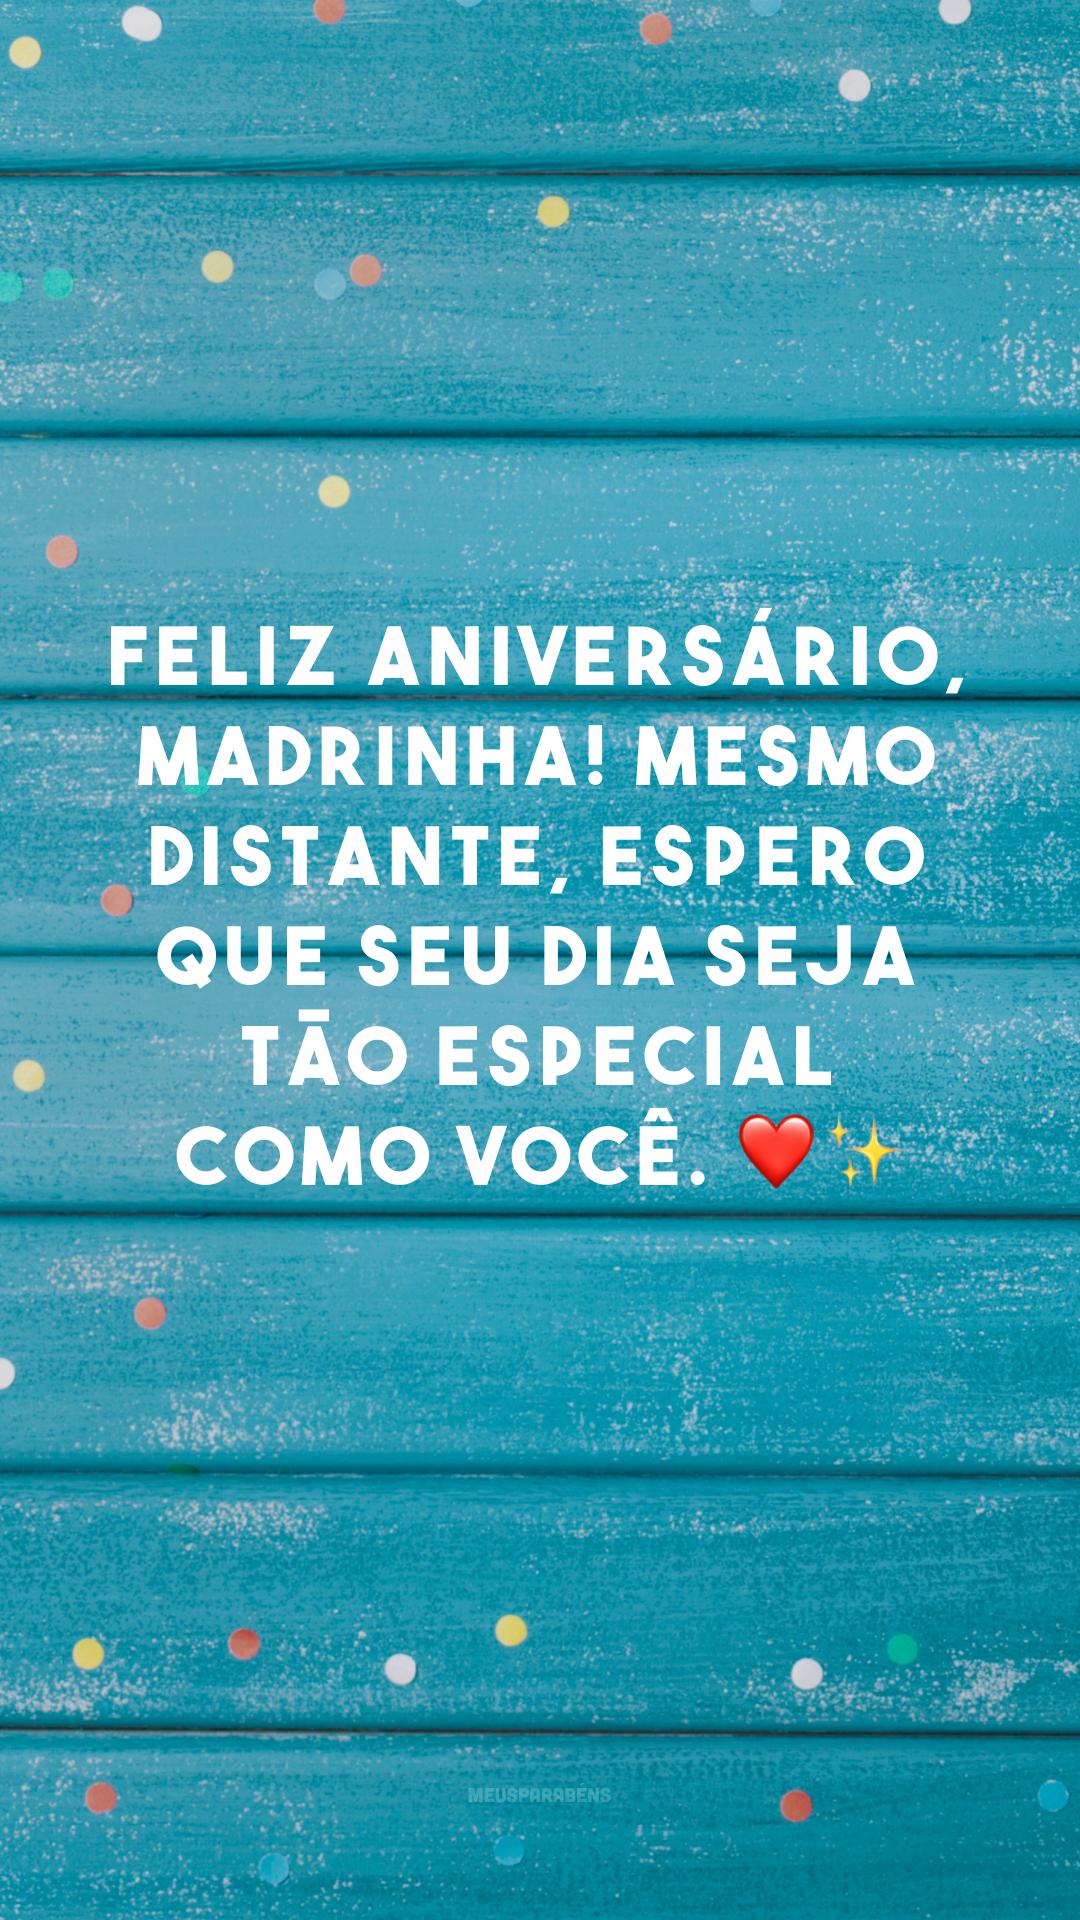 Feliz aniversário, madrinha! Mesmo distante, espero que seu dia seja tão especial como você. ❤✨